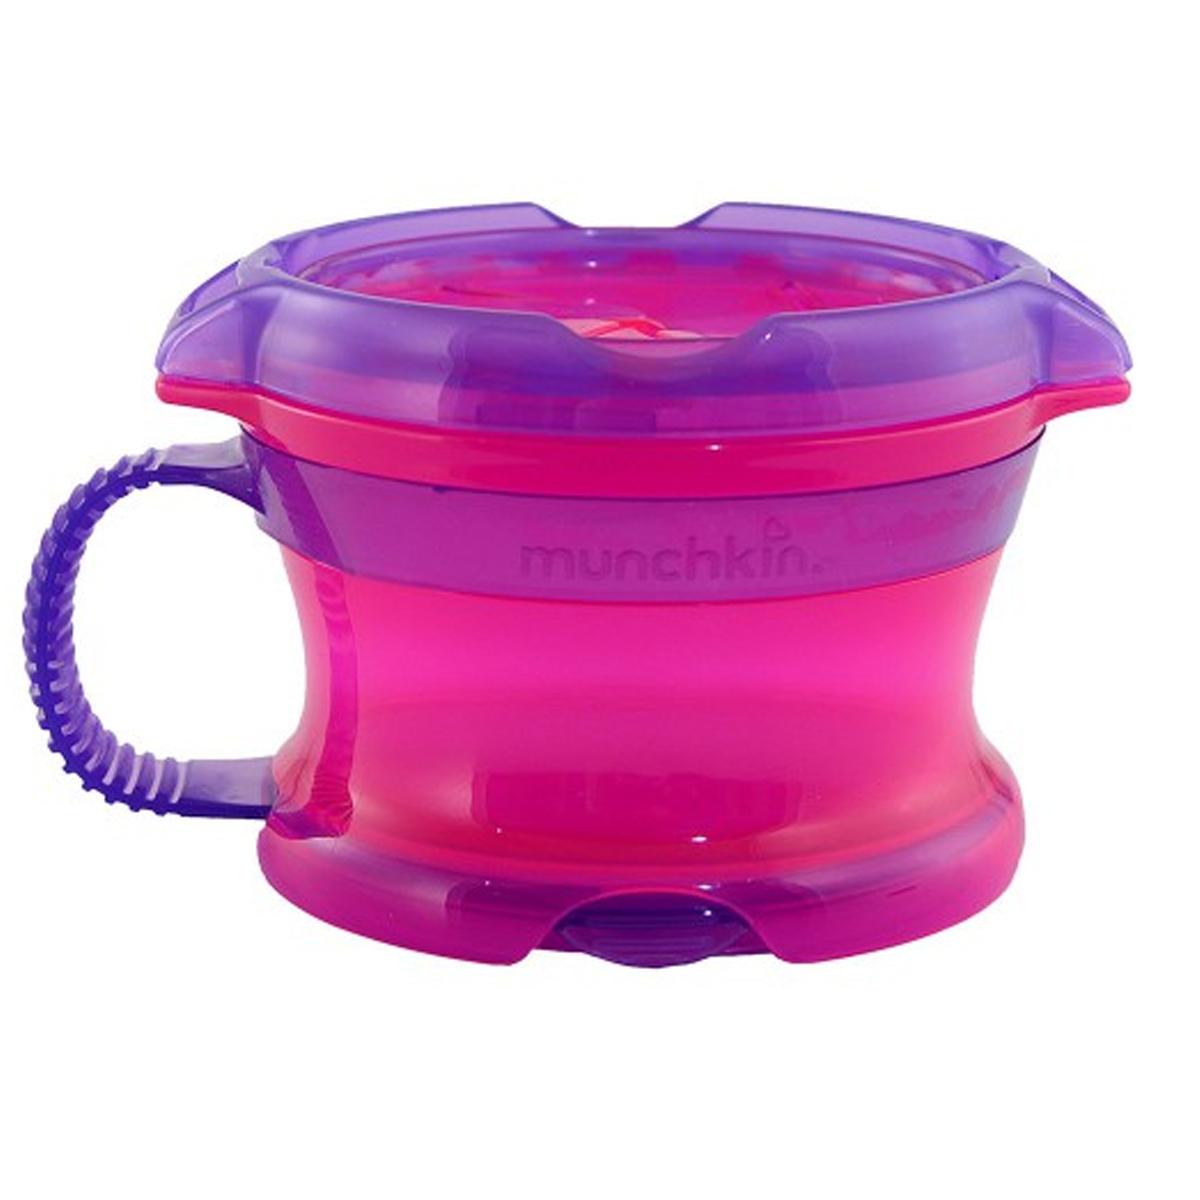 Контейнер Munchkin Поймай печенье, с крышкой Click Lock, цвет: розовый, фиолетовыйЕ0002404_розовый, фиолетовыйКонтейнер для снеков Munchkin Поймай печенье выполнен из безопасного пластика. Он идеально подходит, если нужно покормить малыша на ходу, чтобы закуска осталась в контейнере, а не на полу, не на сиденье автомобиля или коляски! Мягкие силиконовые лепестки помогают ребенку подкрепиться самостоятельно и при этом предотвращают рассыпание содержимого контейнера. Регулируемая крышка позволит малышу вытащить печенье или другие продукты ровно столько, сколько он сможет положить в рот за один раз, контейнер не откроется, даже если упадет и перевернется. Мягкие закрылки на крышке позволяют достать печенье или кусочки другой еды, минимально испачкав пальцы. Кнопка блокировки не позволит ребенку открыть контейнер. Когда он не используется, его можно закрыть крышкой, которая сохранит продукты свежими. Полностью закрывающая контейнер мягкая крышка убирается и крепится к его дну.